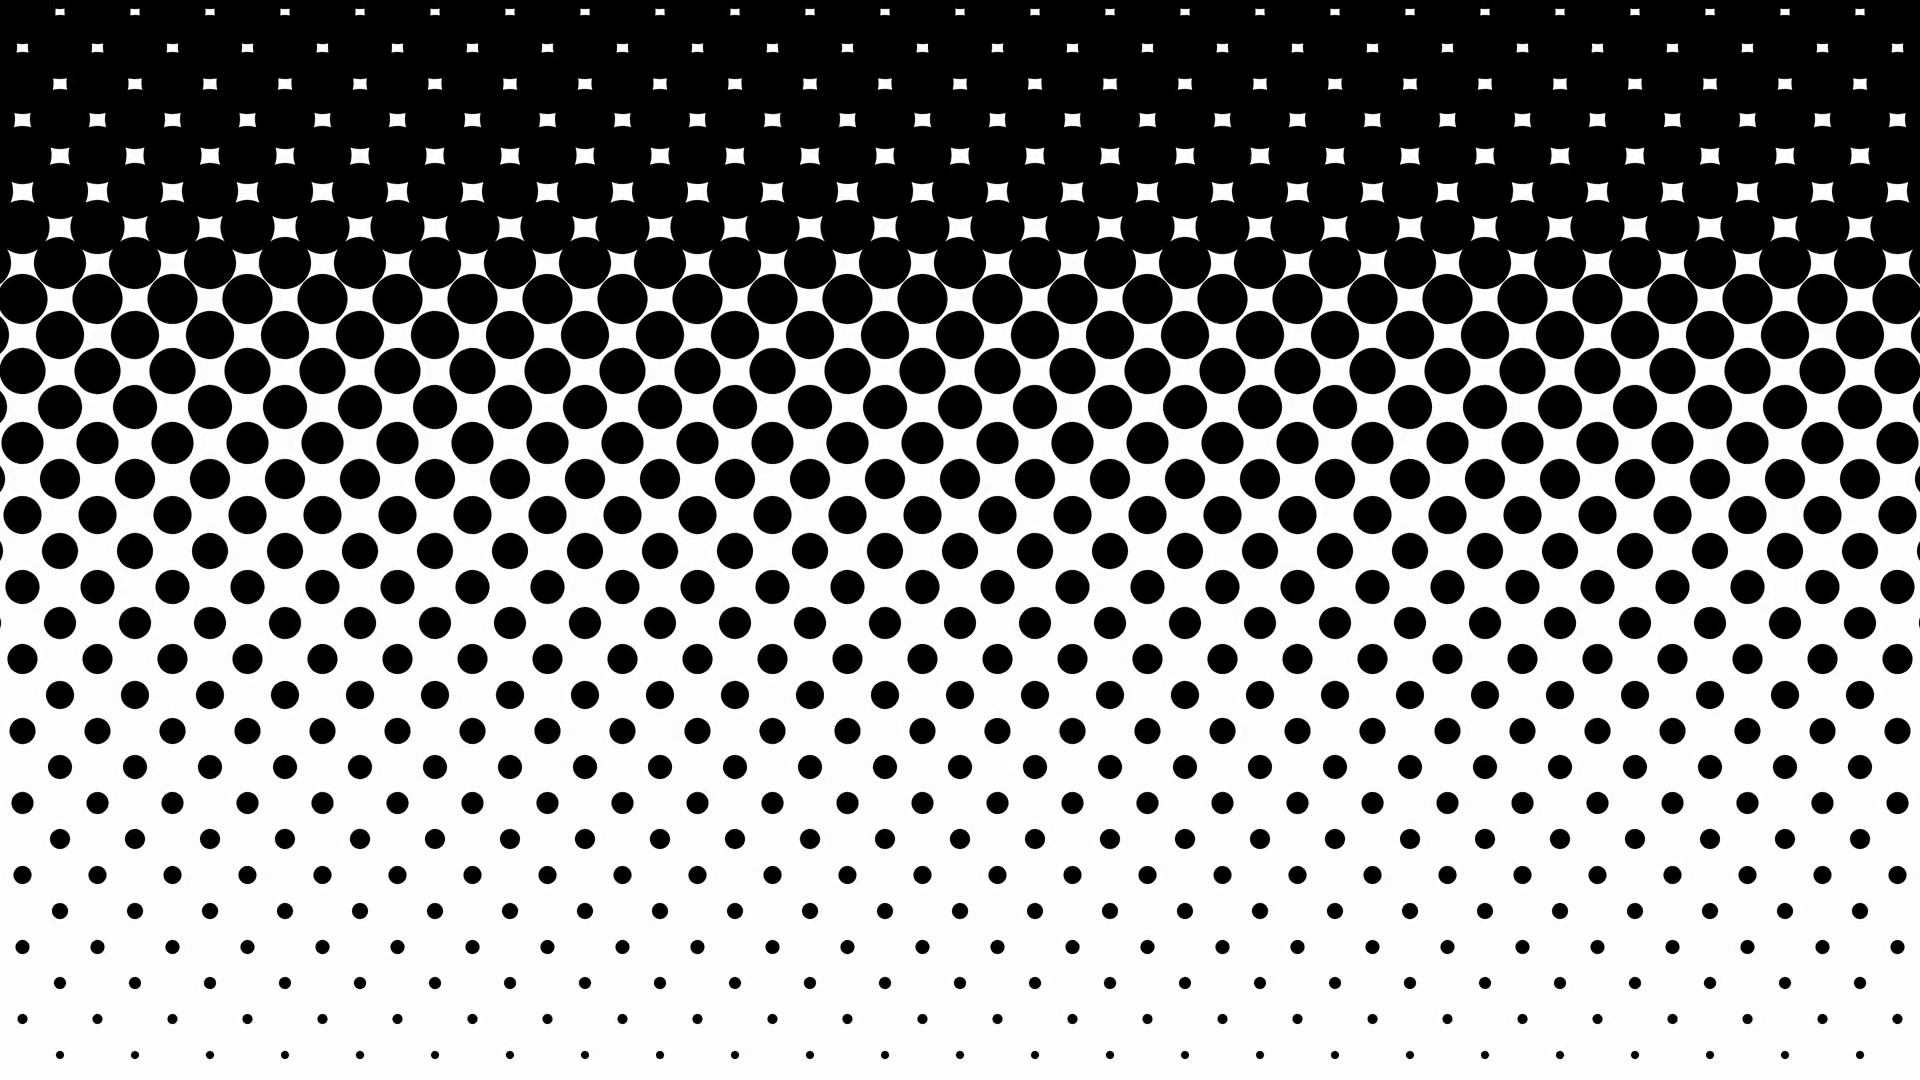 Pattern,Line,Design,Polka dot,Pattern,Circle,Monochrome,Black.